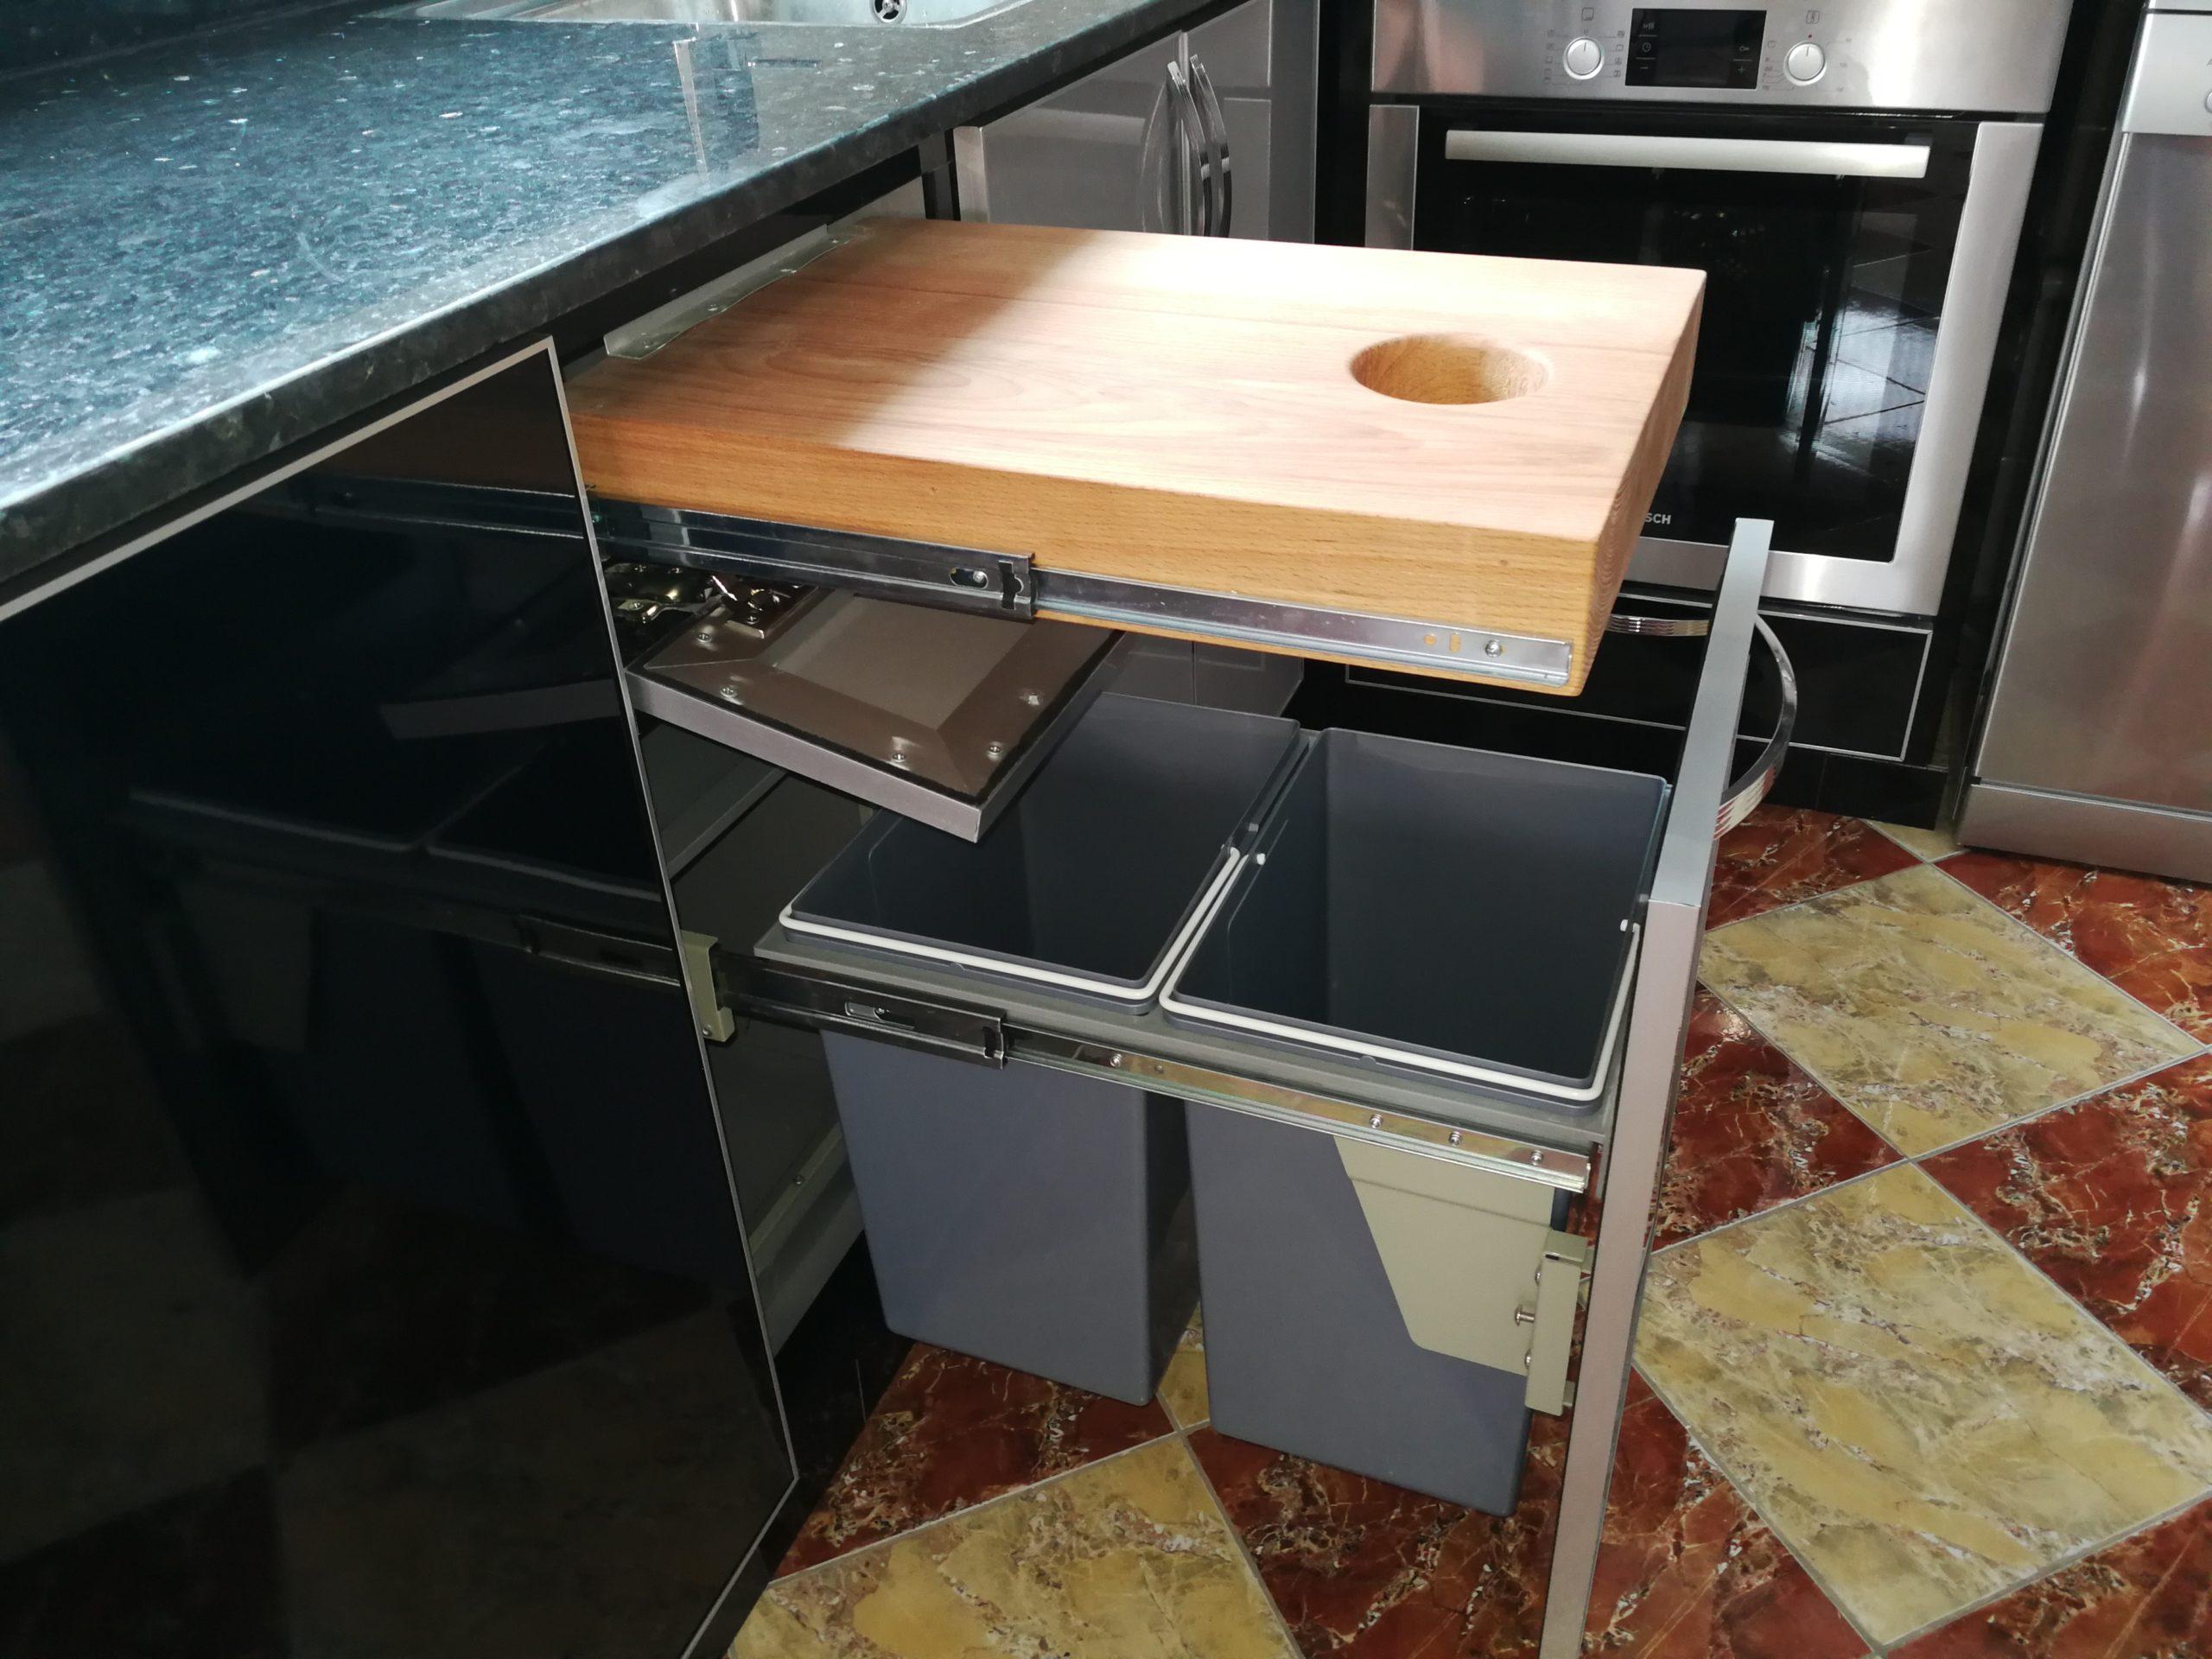 دلو النفيات المدمج داخل المطبخ